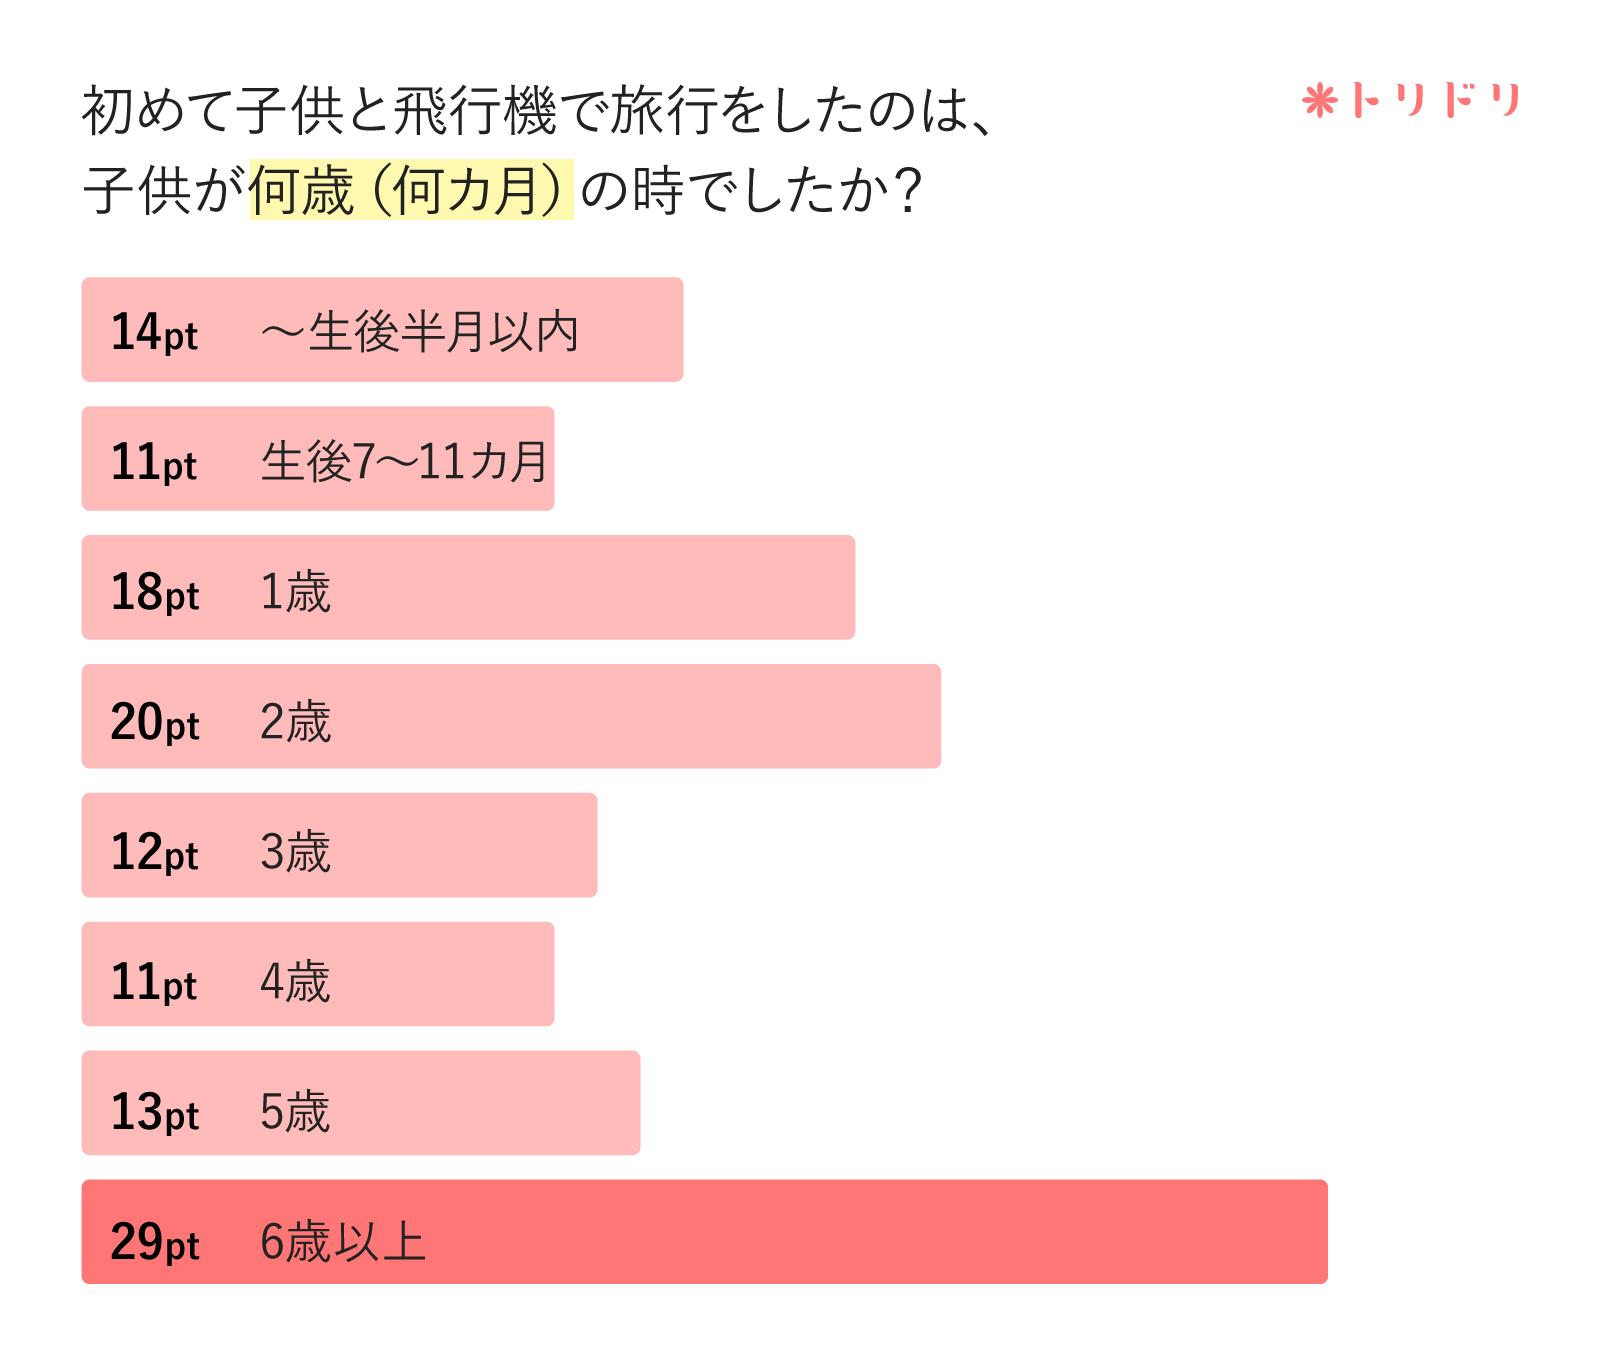 アンケートのグラフ:初めて子供と飛行機で旅行をしたのは、子供が何歳(何カ月)の時でしたか?